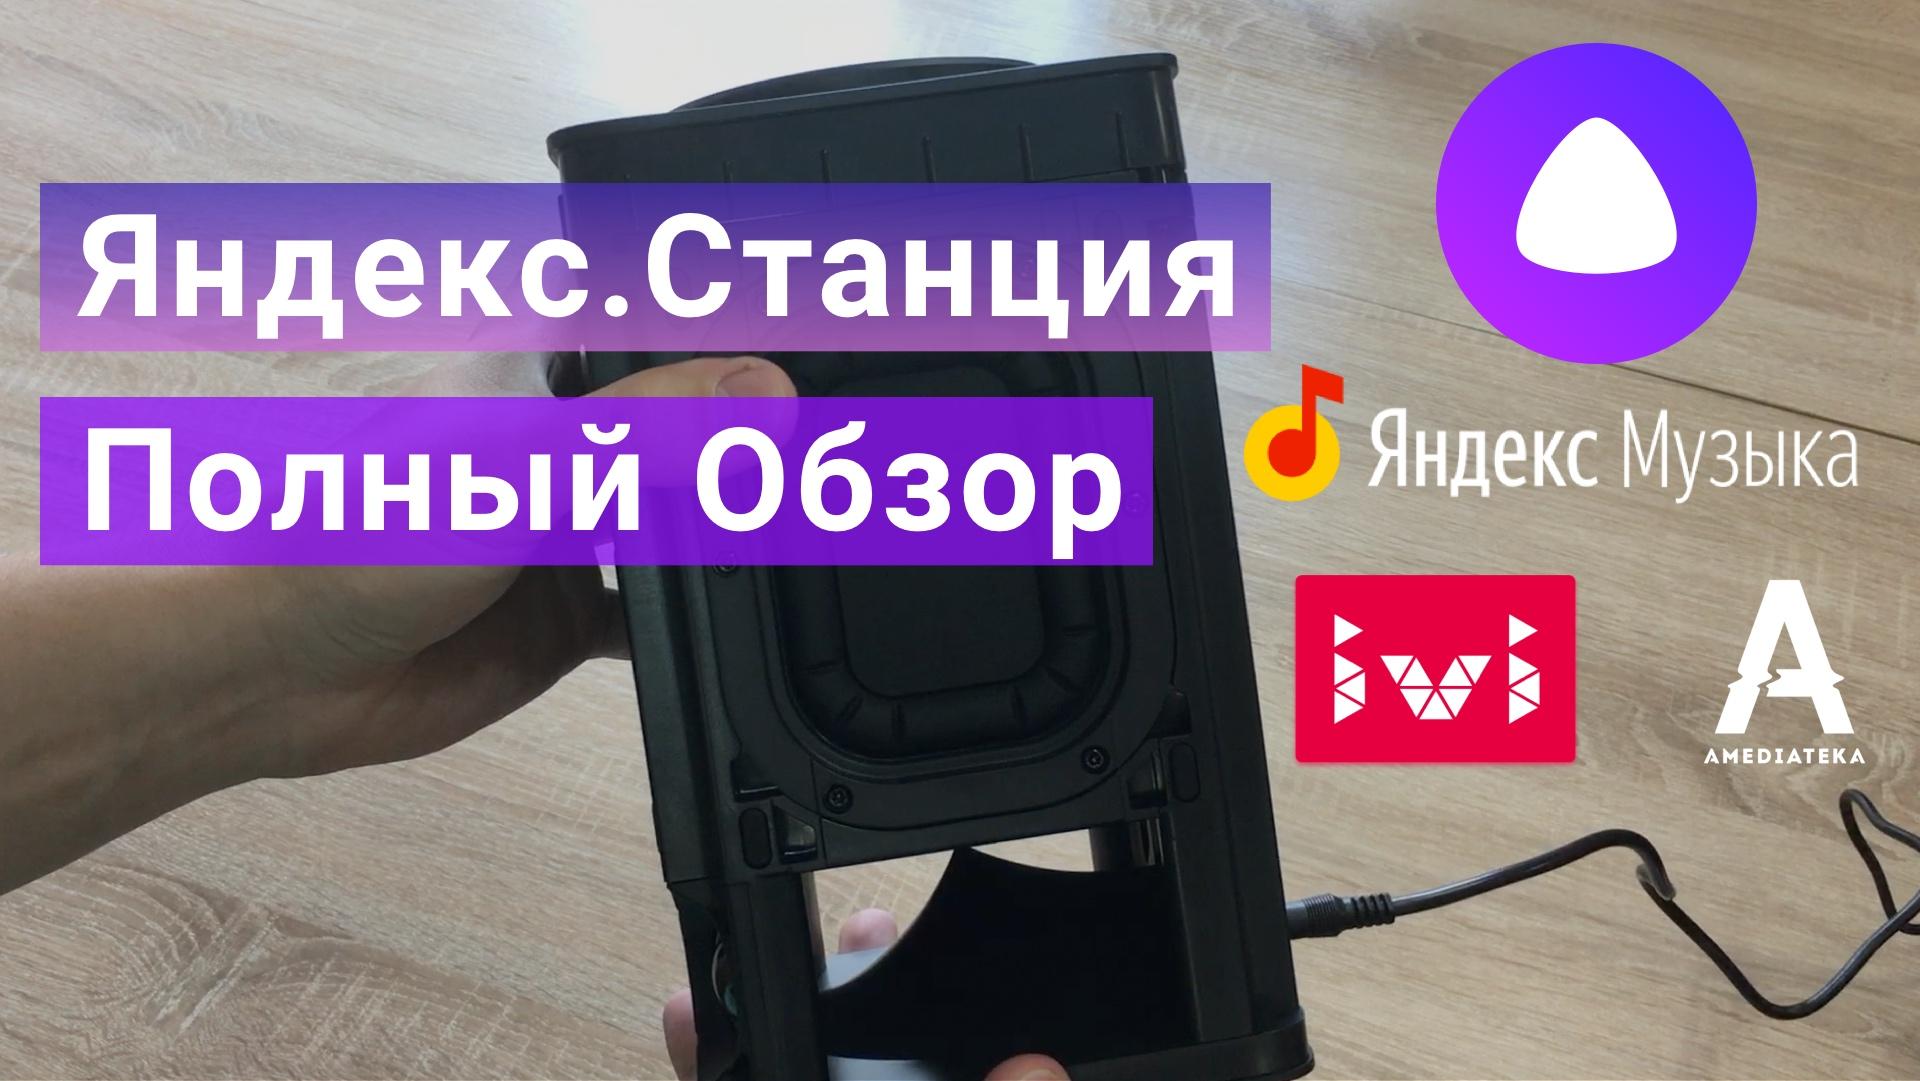 Яндекс Станция с Алиса